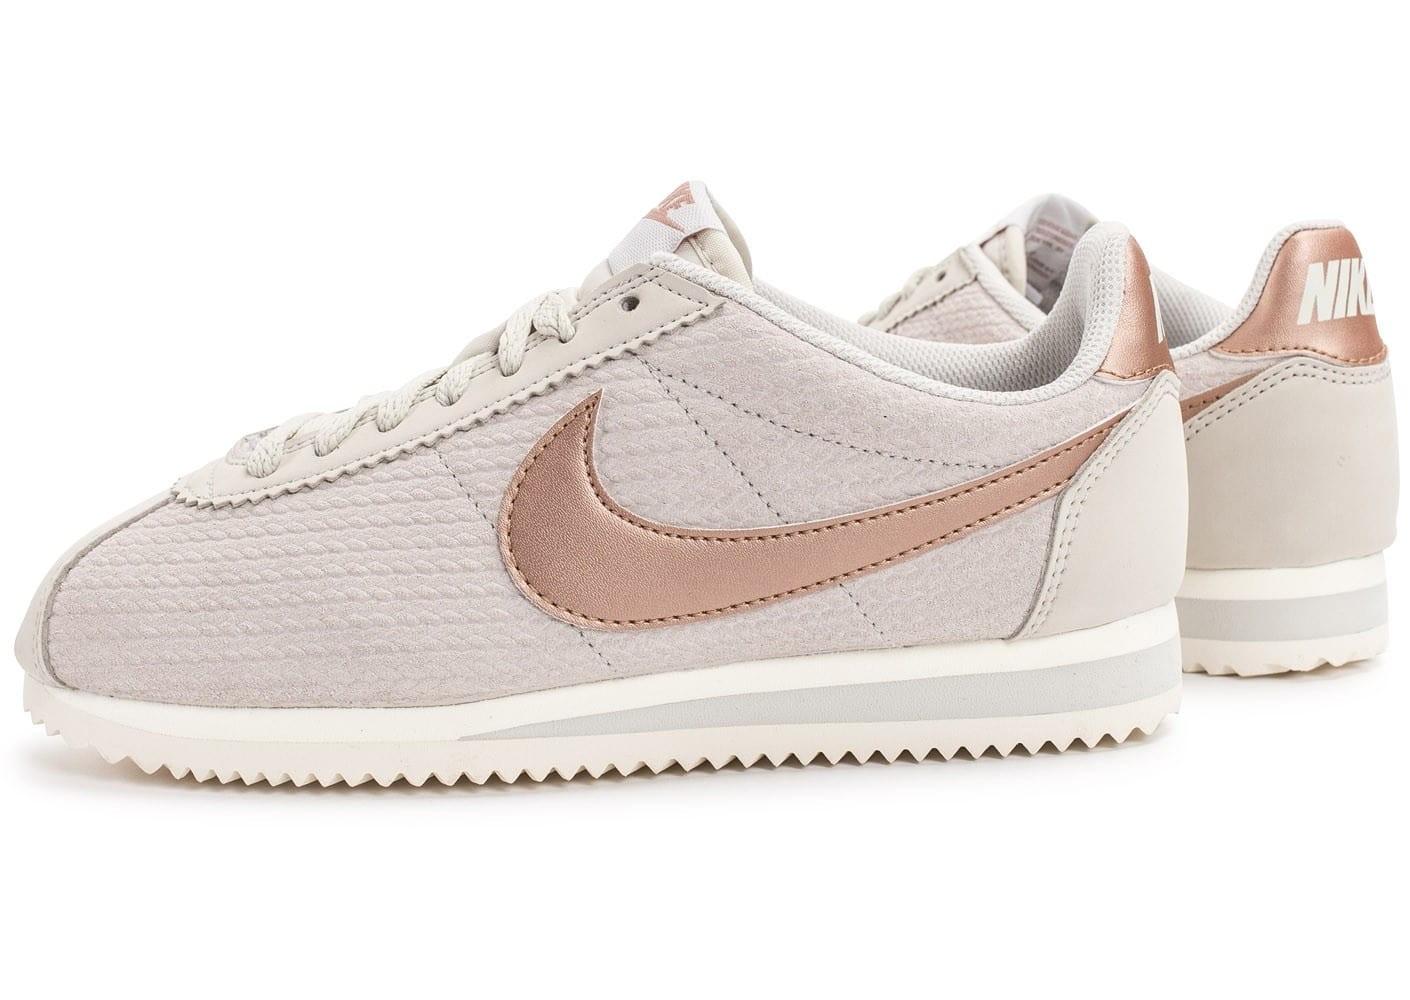 Nike Cortez Bronze Femme Nike Femme Cortez Verte Et Rose Pas